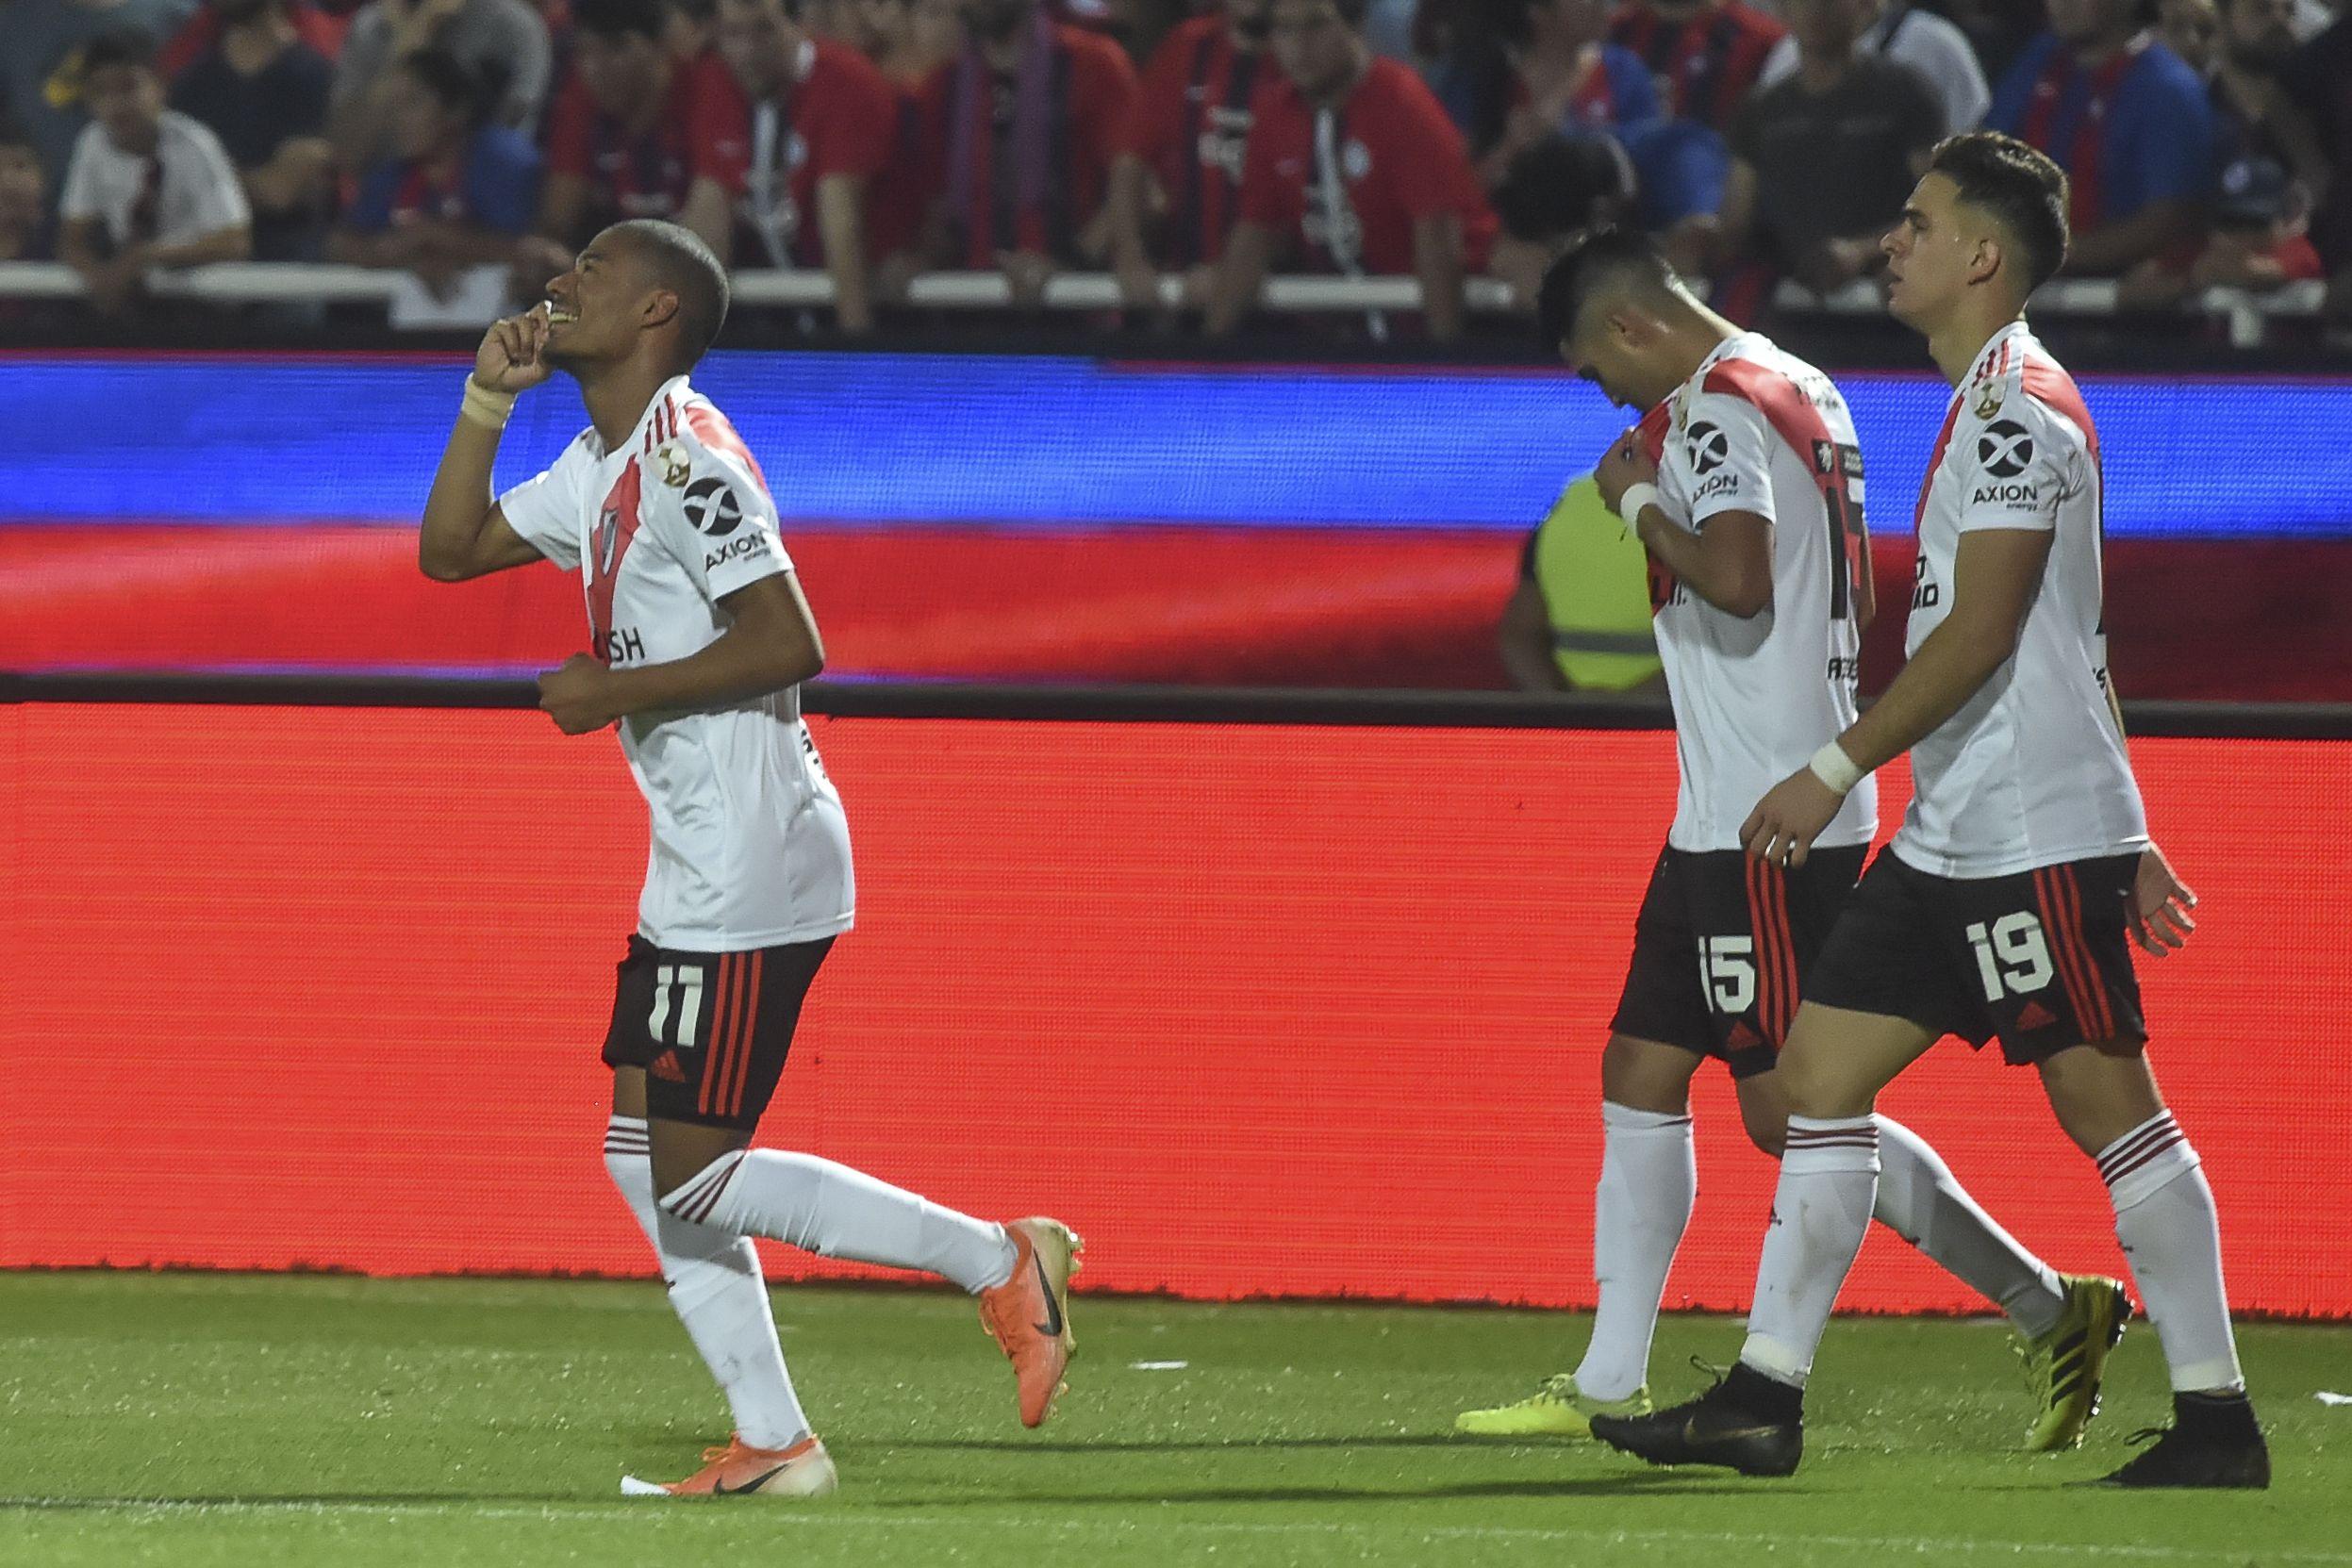 De estar detenido a marcar el gol de la clasificación: 48 horas a puro vértigo de De la Cruz